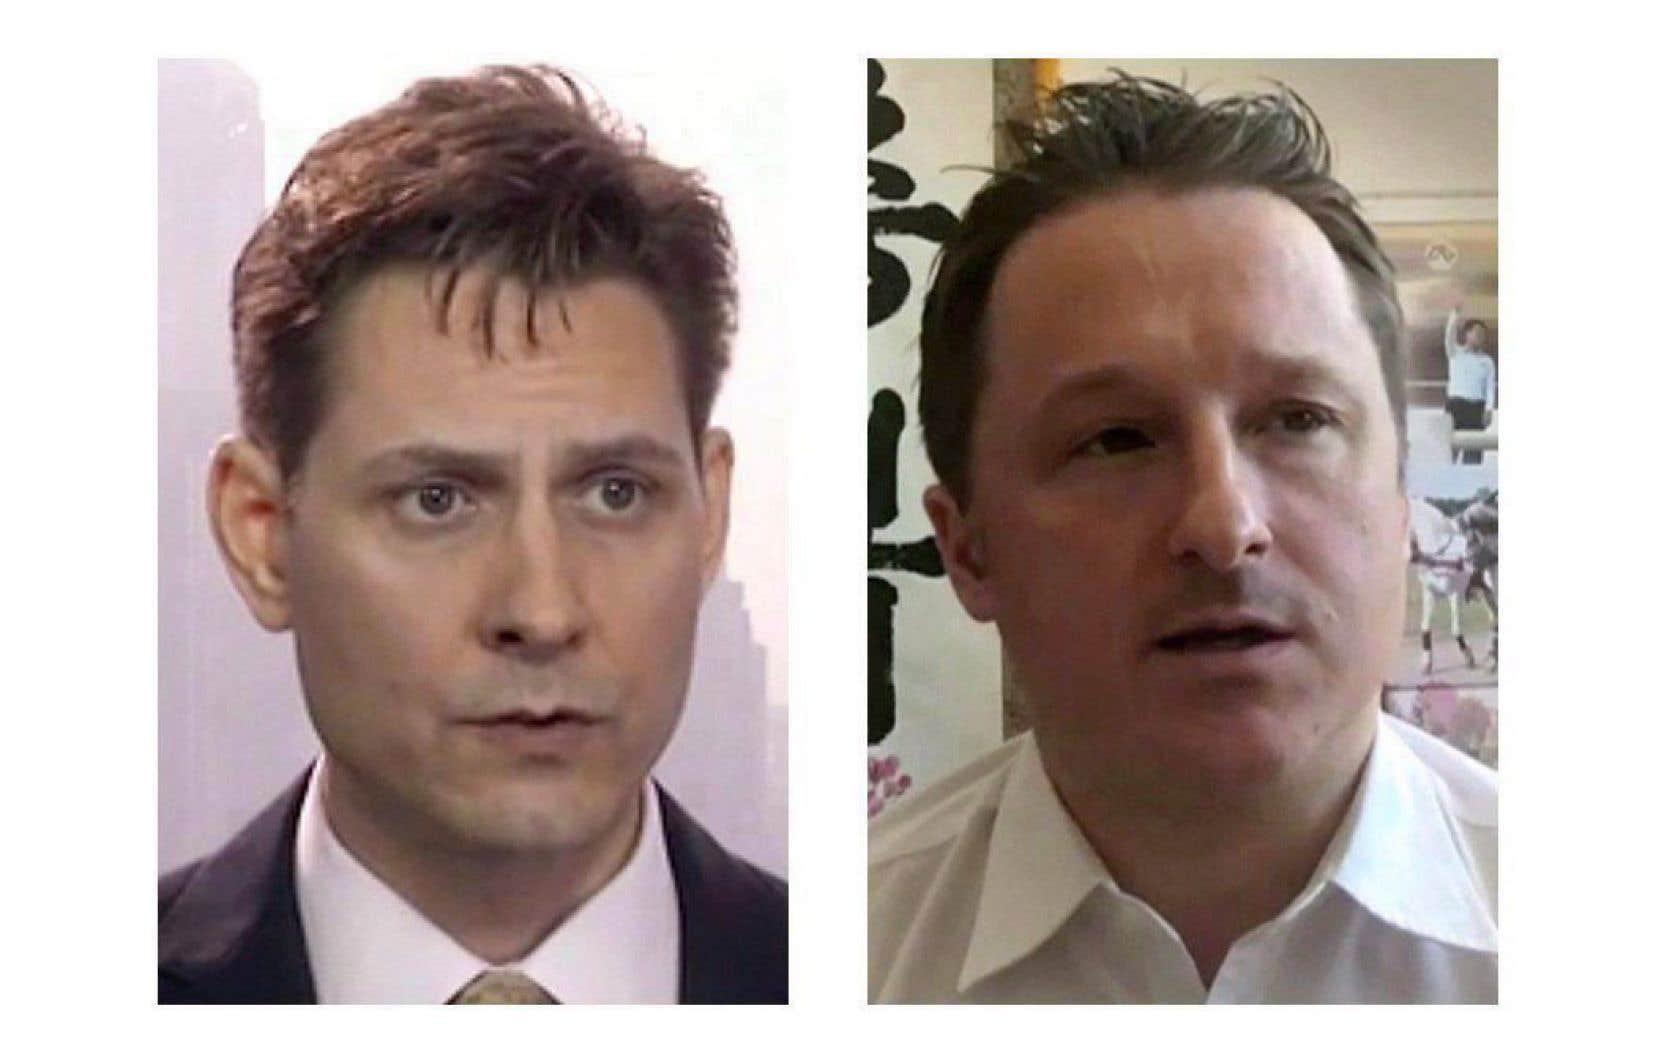 Michael Kovrig et Michael Spavor sont détenus depuis décembre 2018.